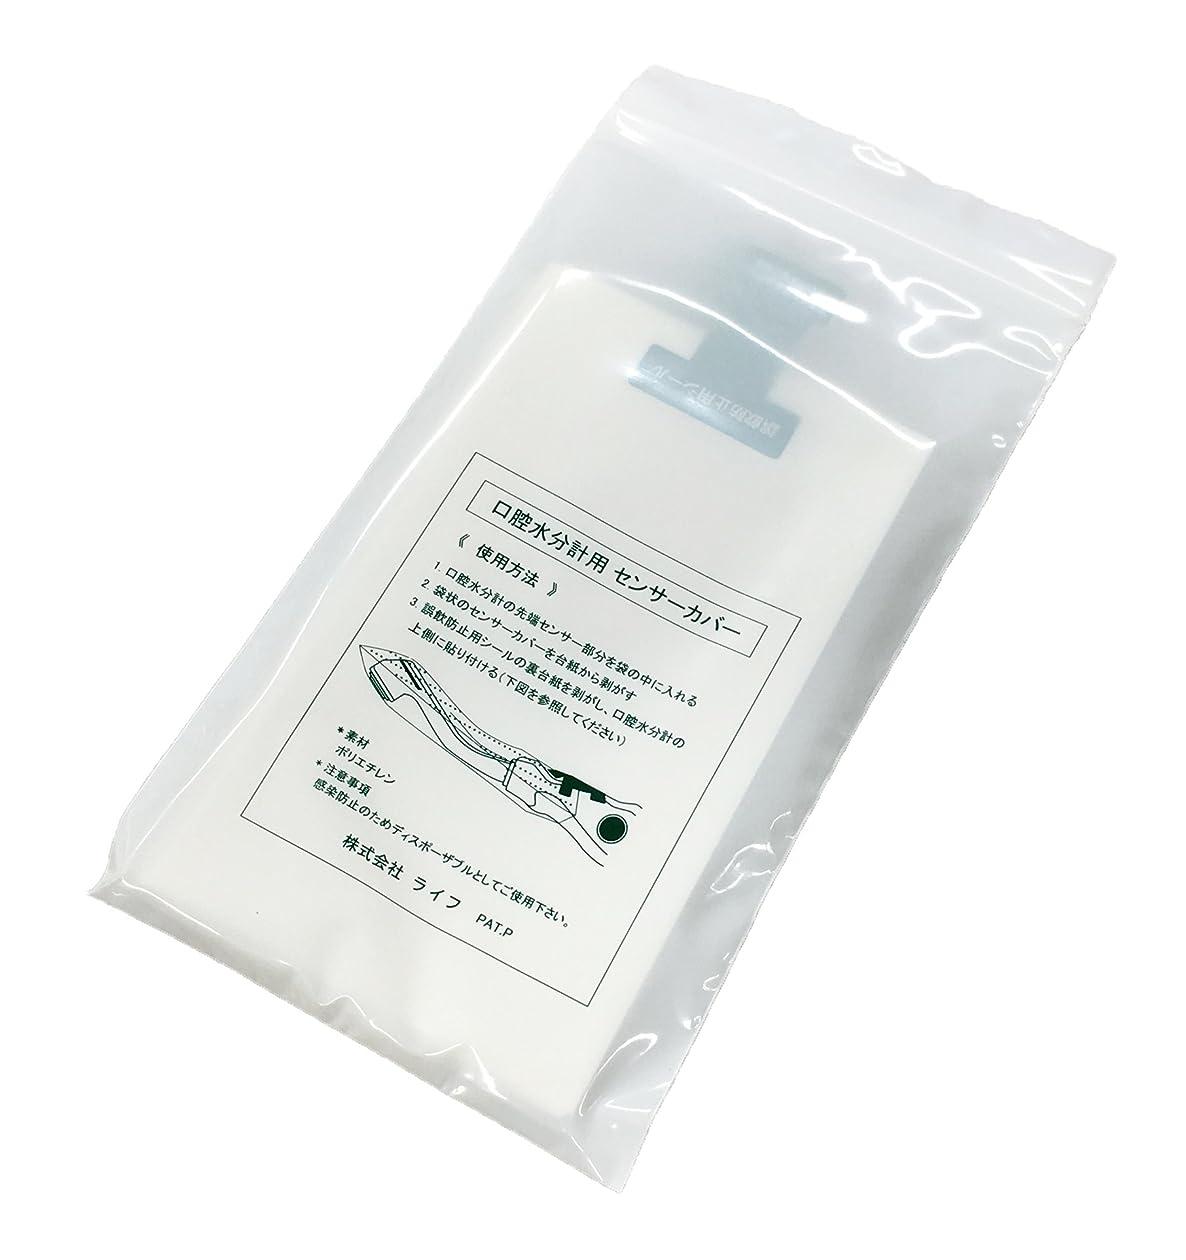 アラスカバウンスいちゃつく口腔水分計 交換用専用センサーカバー /8-5766-11